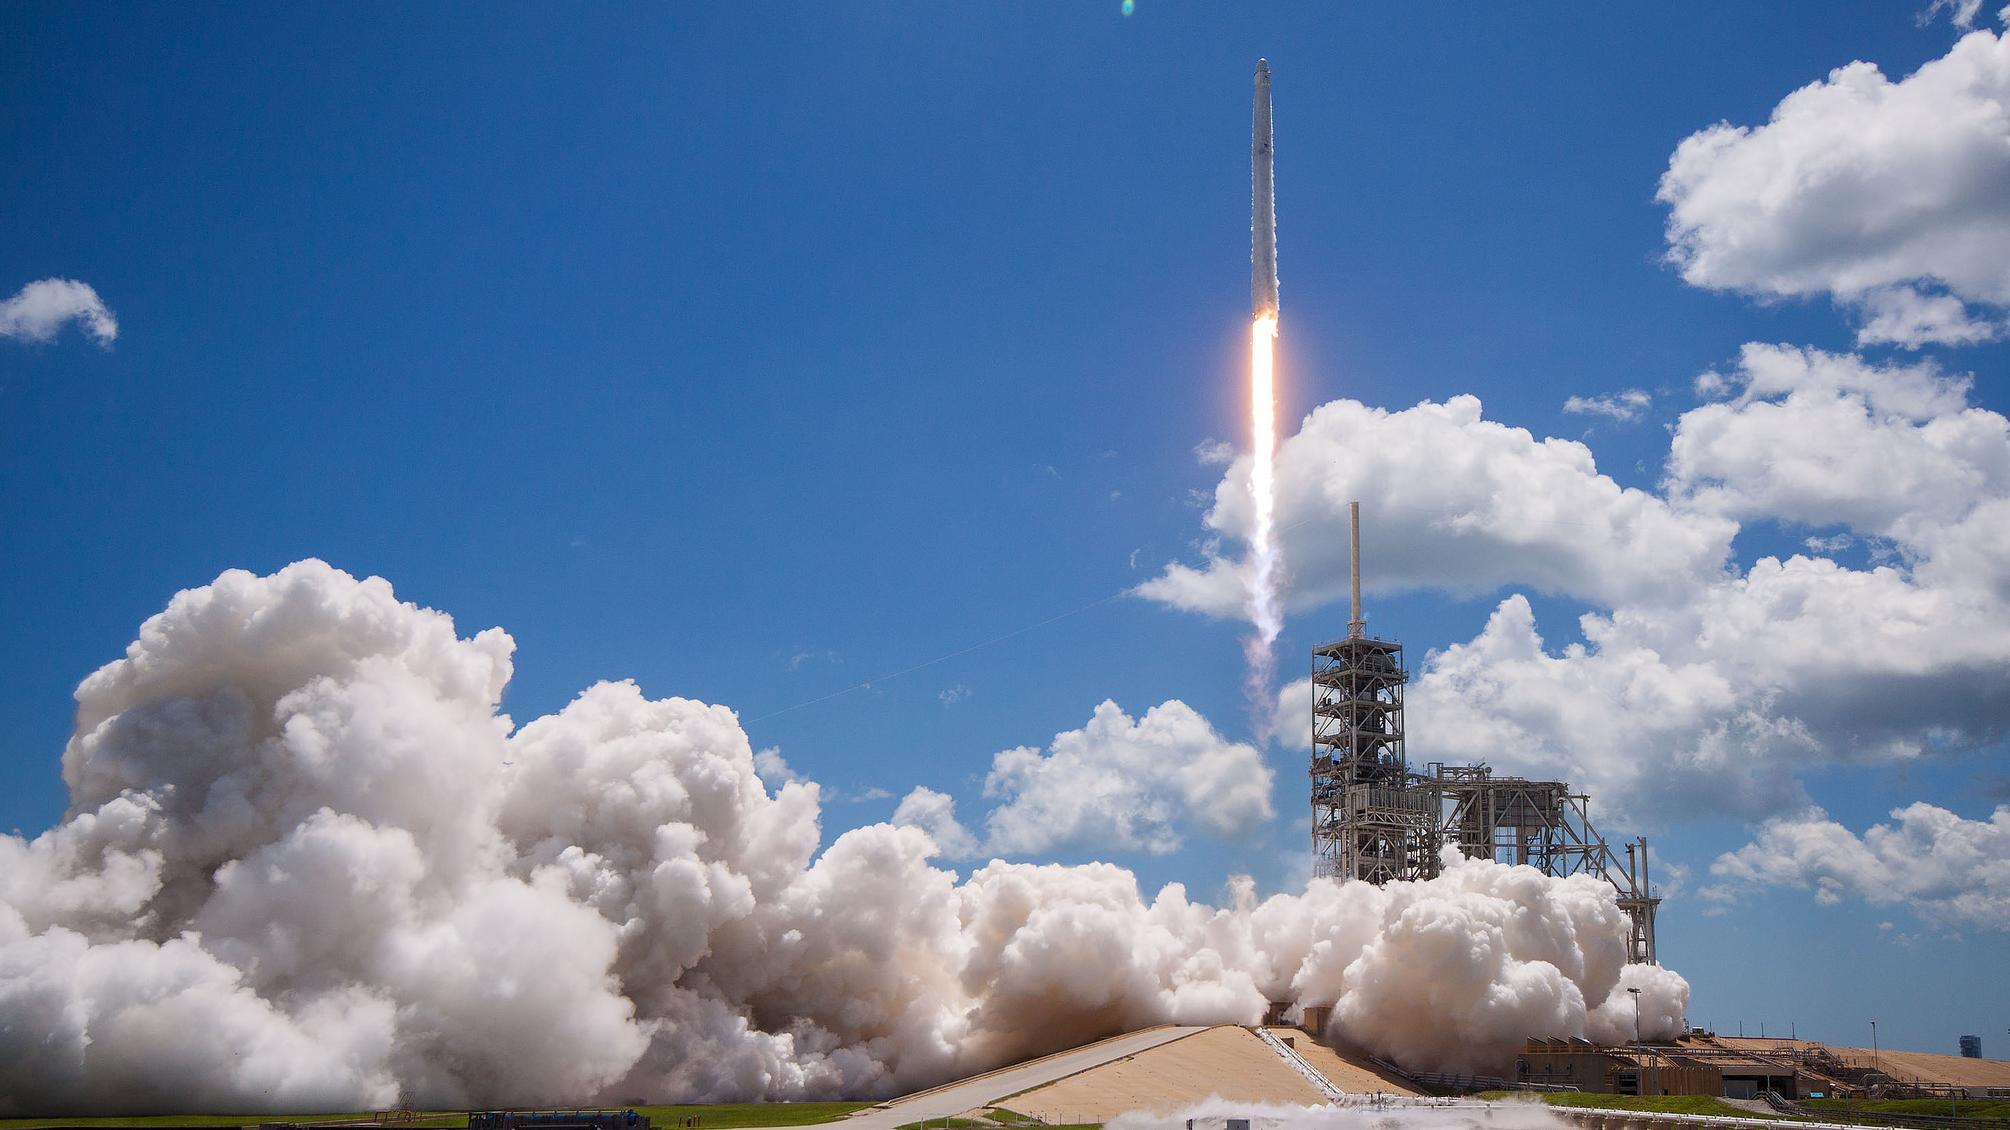 Opsendelsen SpaceX-raket af typen Falcon 9 den 14. august 2017